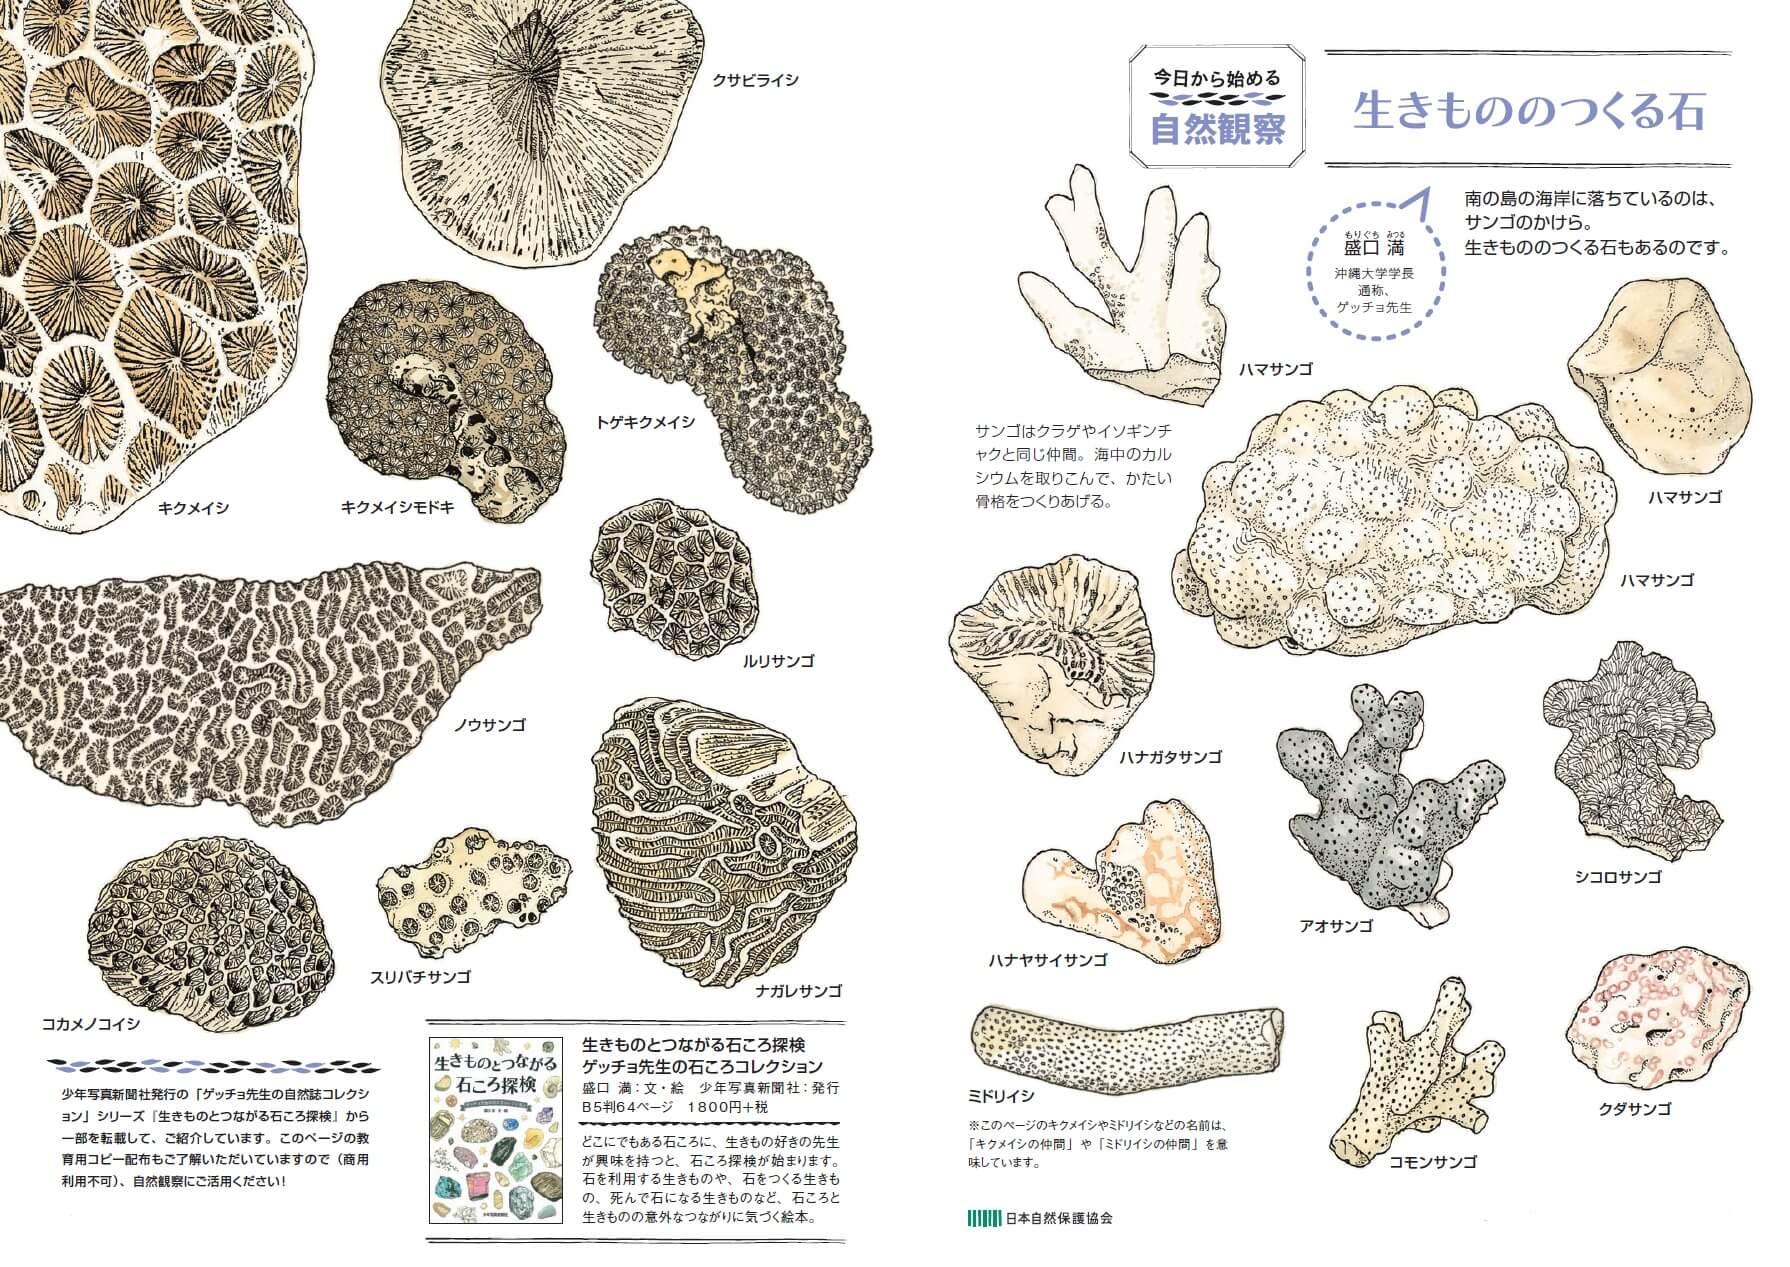 サンゴはクラゲやイソギンチャクと同じ仲間。海中のカルシウムを取りこんで、かたい骨格をつくりあげる。